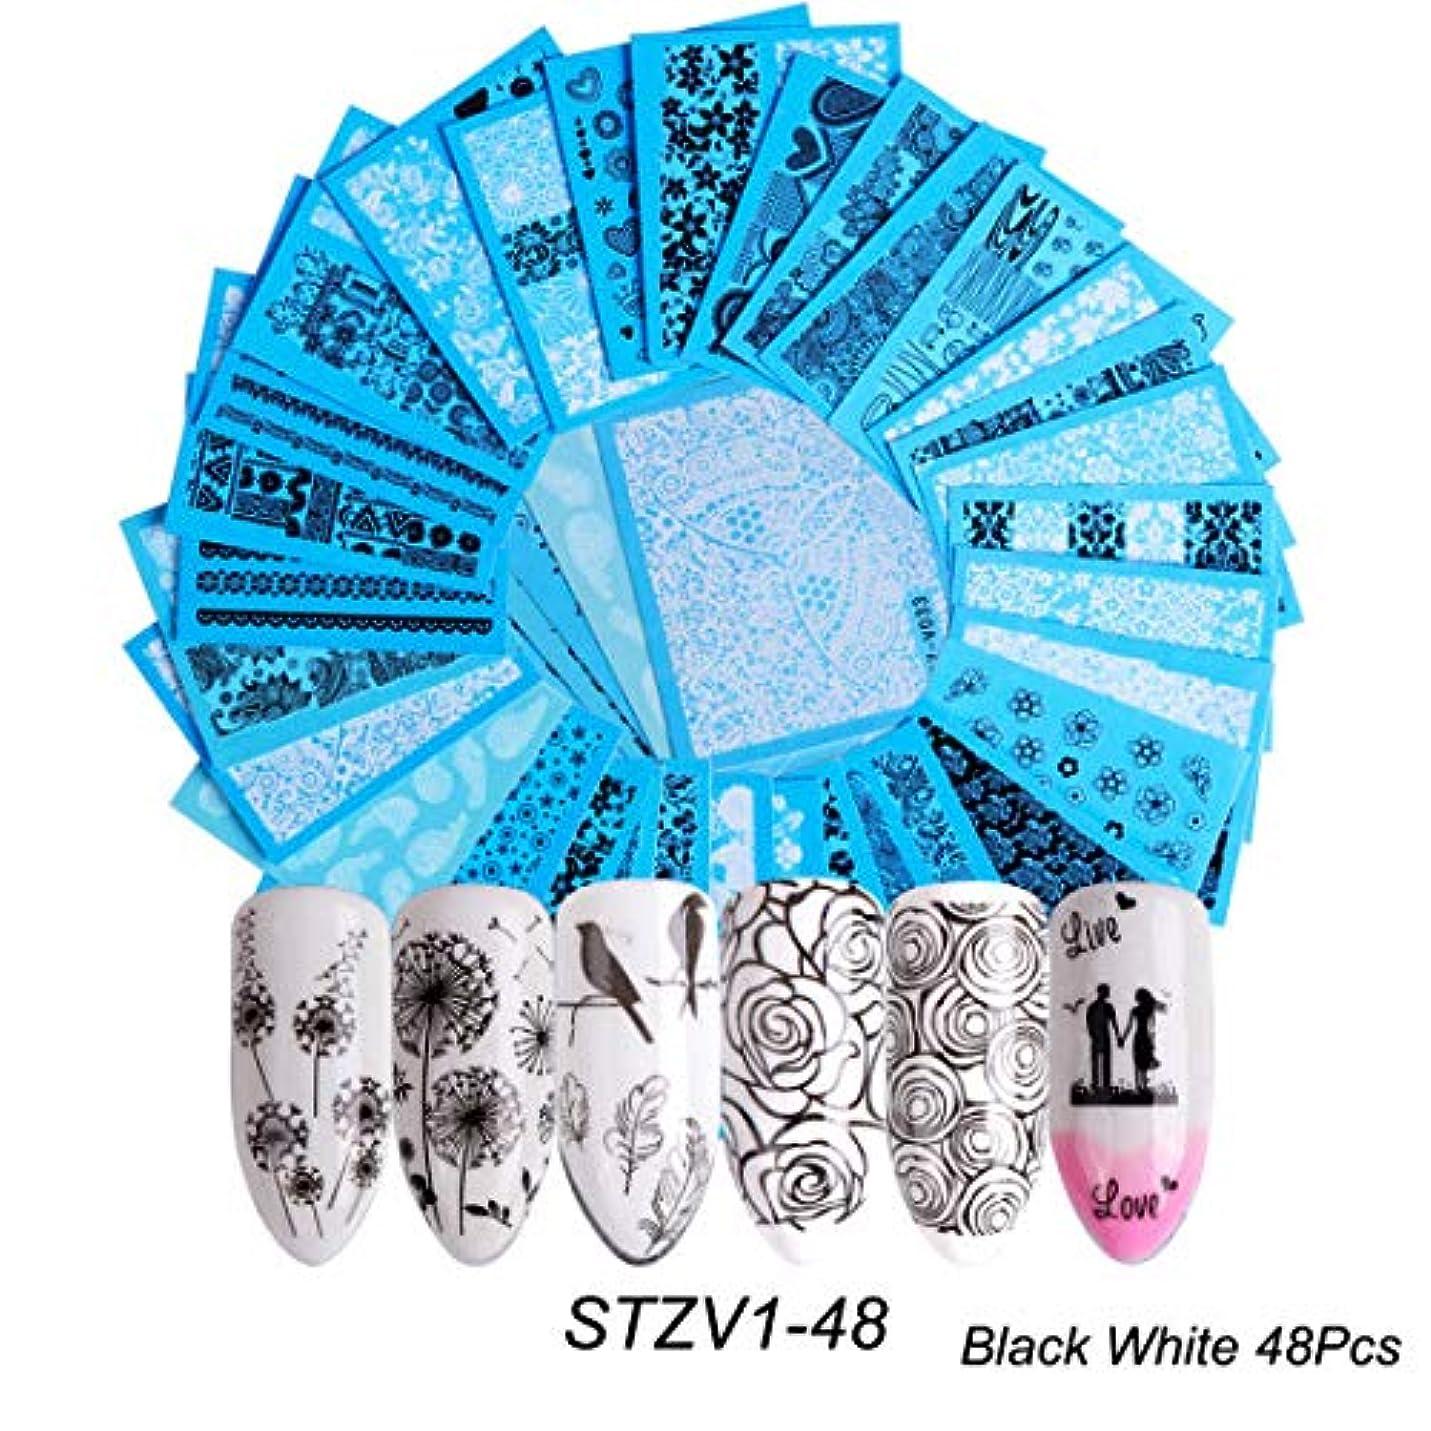 宿題をする経歴トリッキー(STZV1-48) 48枚セット黒と白の花 ネイルシール ウォーターネイルシール 爪に貼るだけ ネイルデコレーション